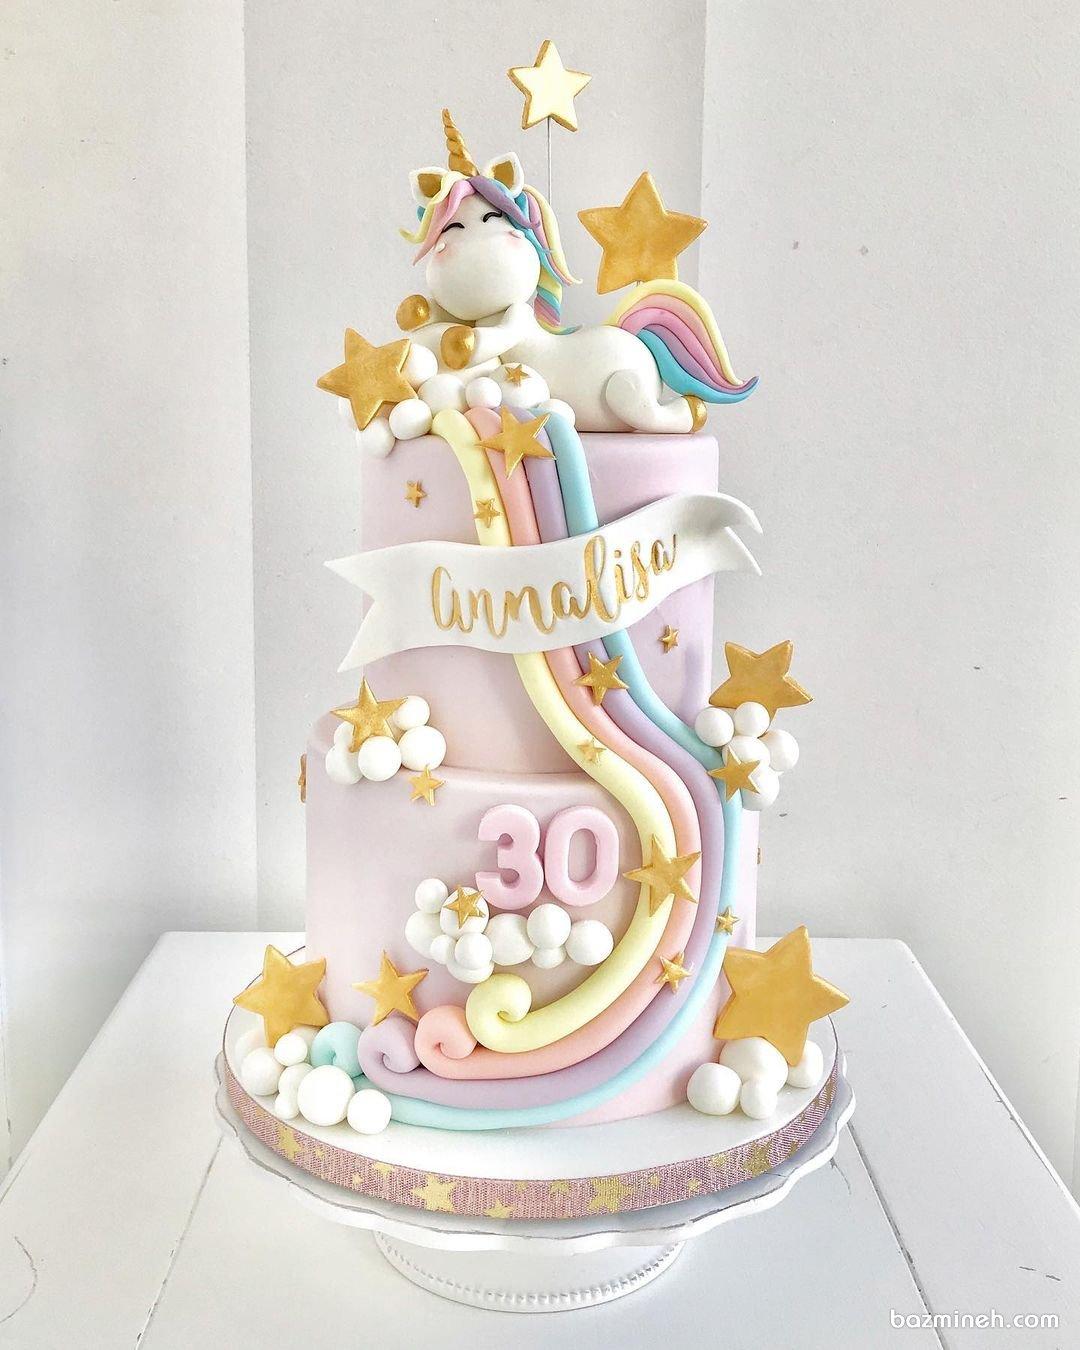 کیک تولد خاص و متفاوت پونی